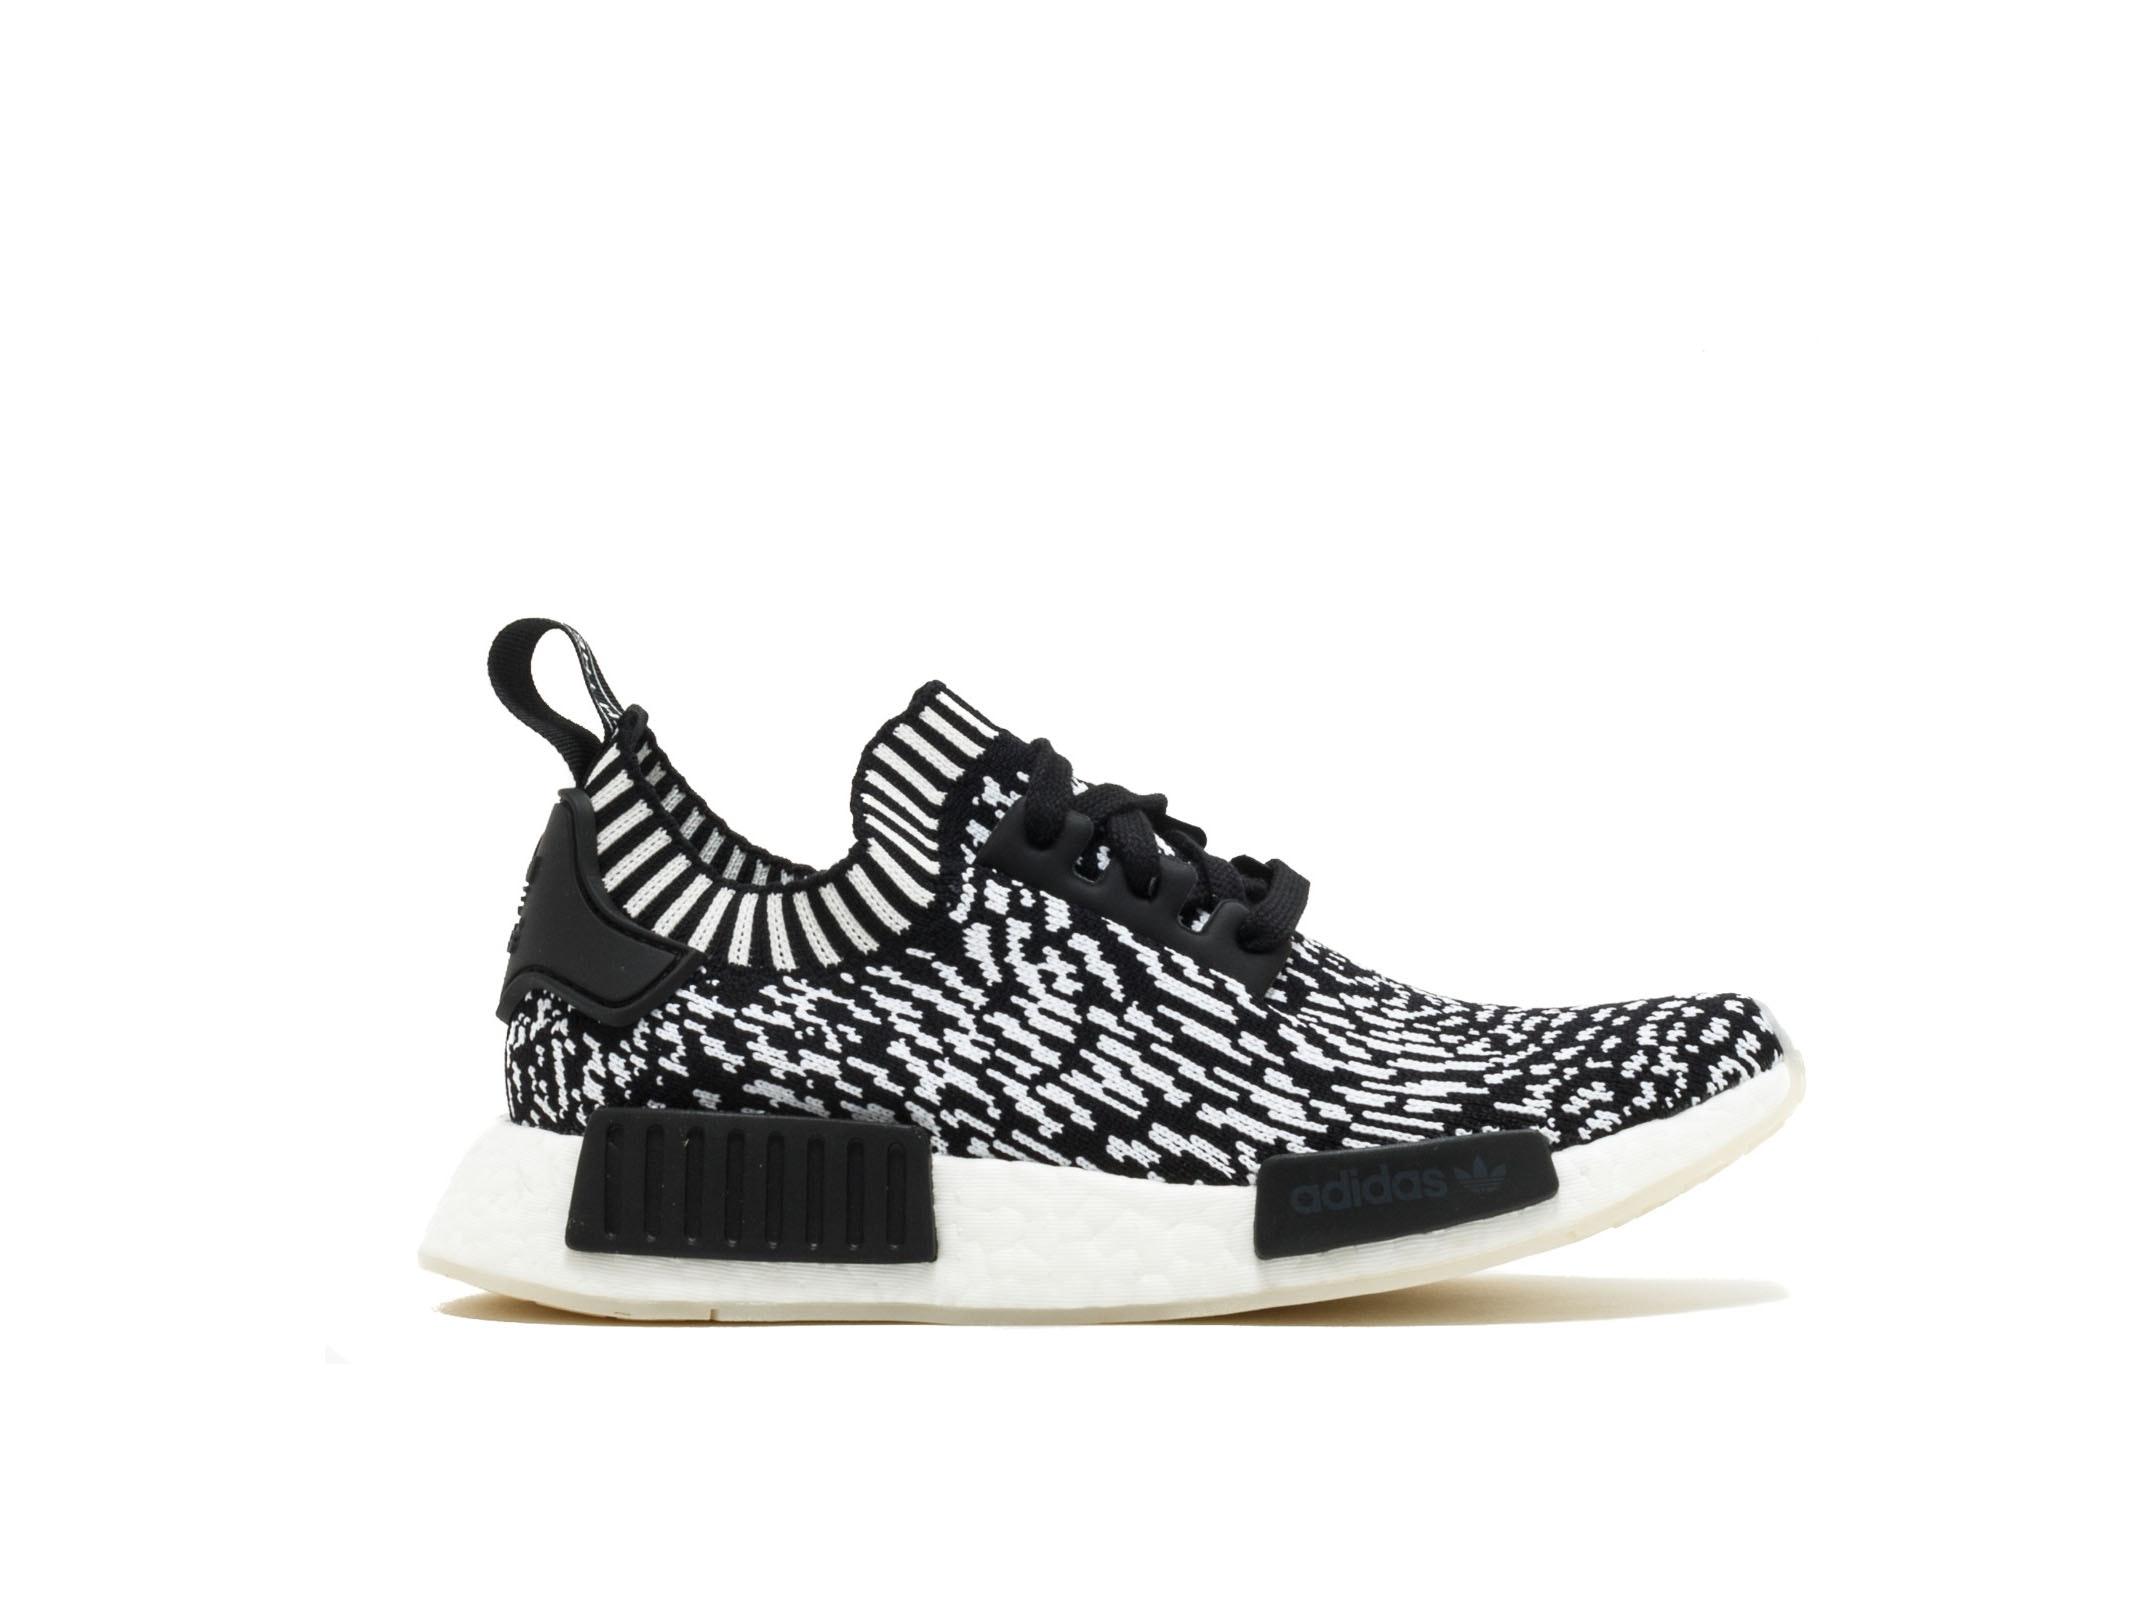 77e5dd0d2c74c Shop Zebra Primeknit NMD R1 Online